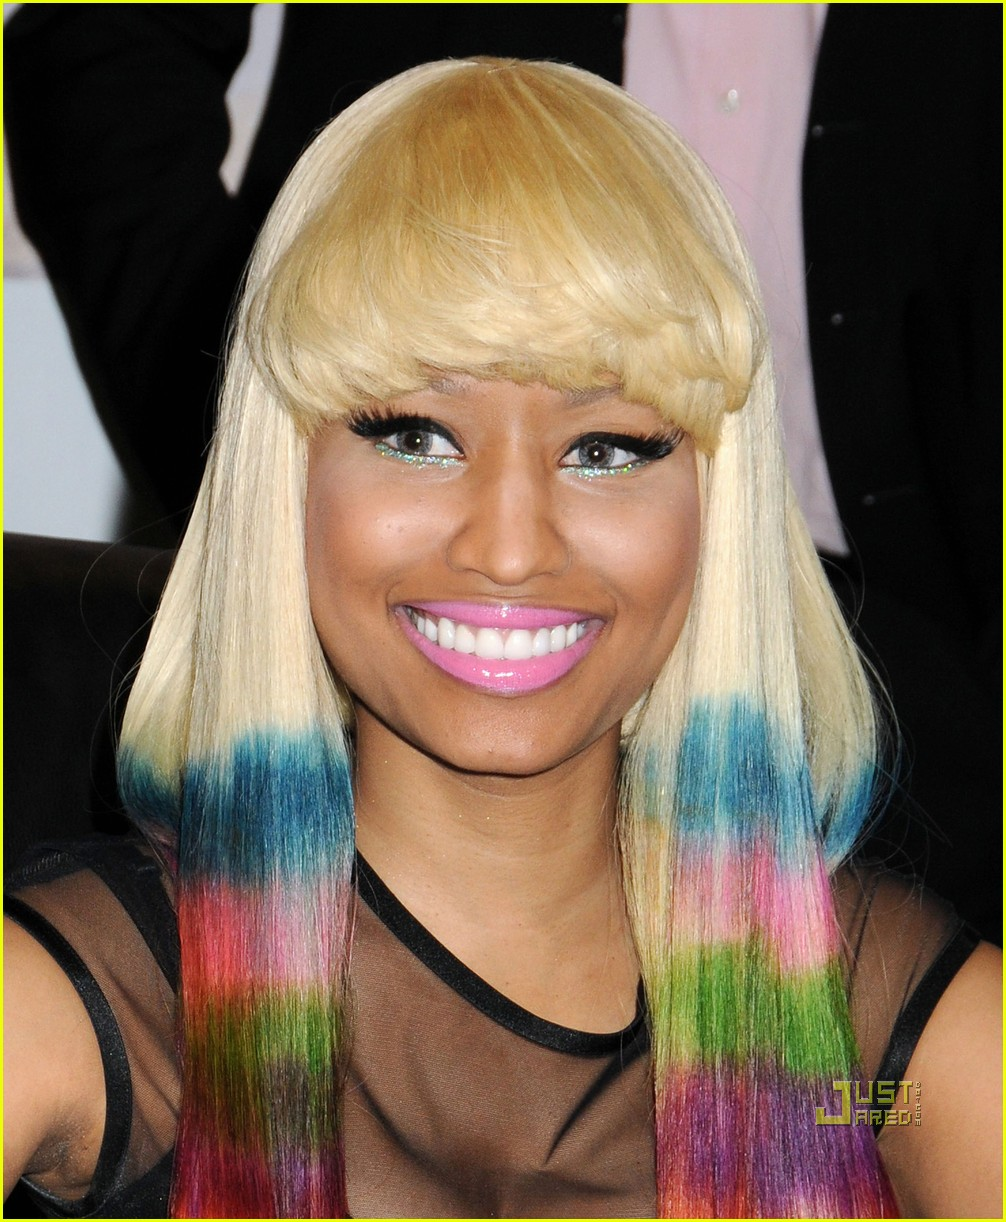 Прически с разными цветами волос фото